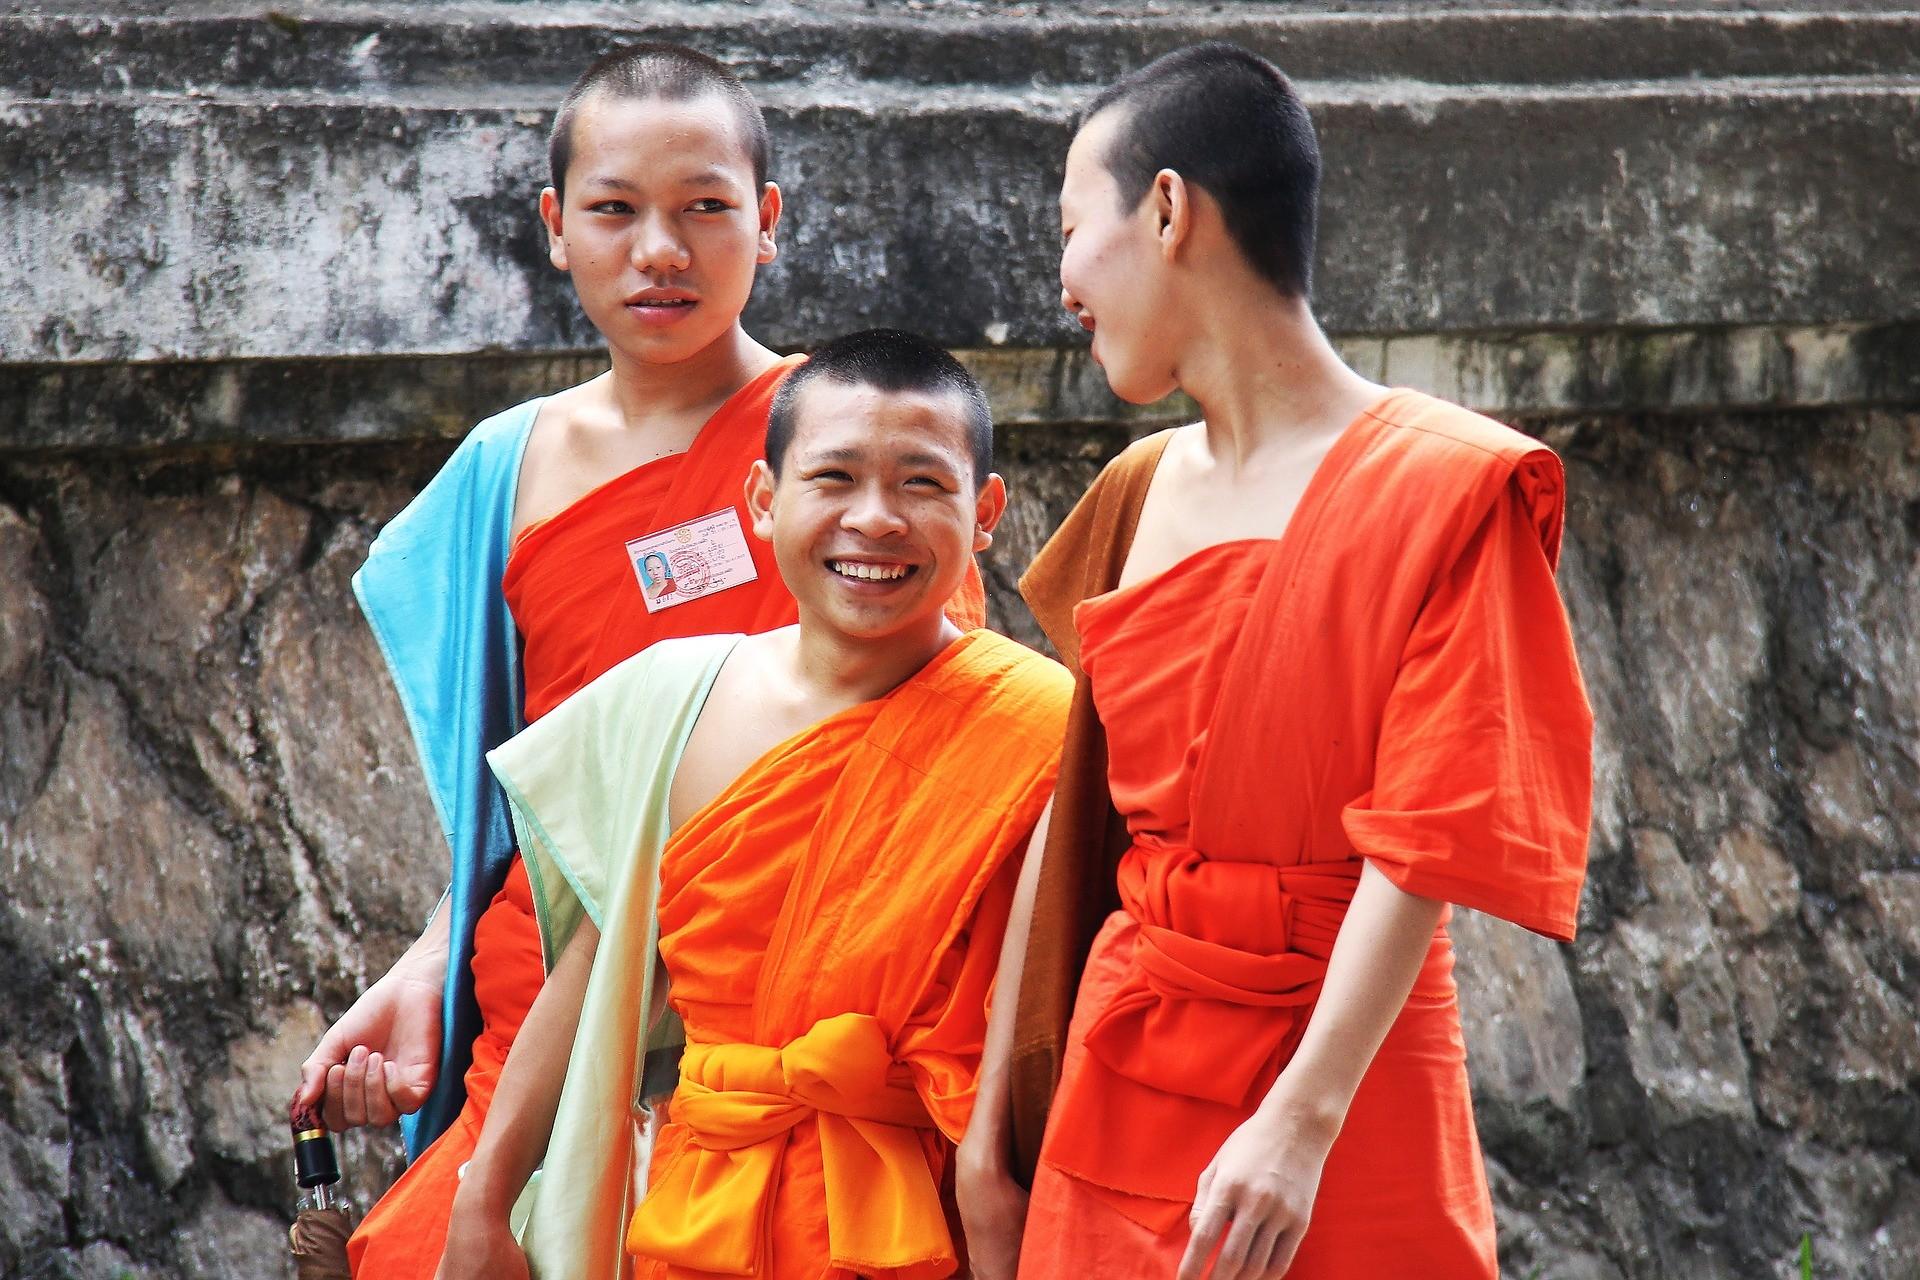 Budistas então entre os que apresentam os maiores índices de felicidade. (Foto: Creative Commons / Sharonang)